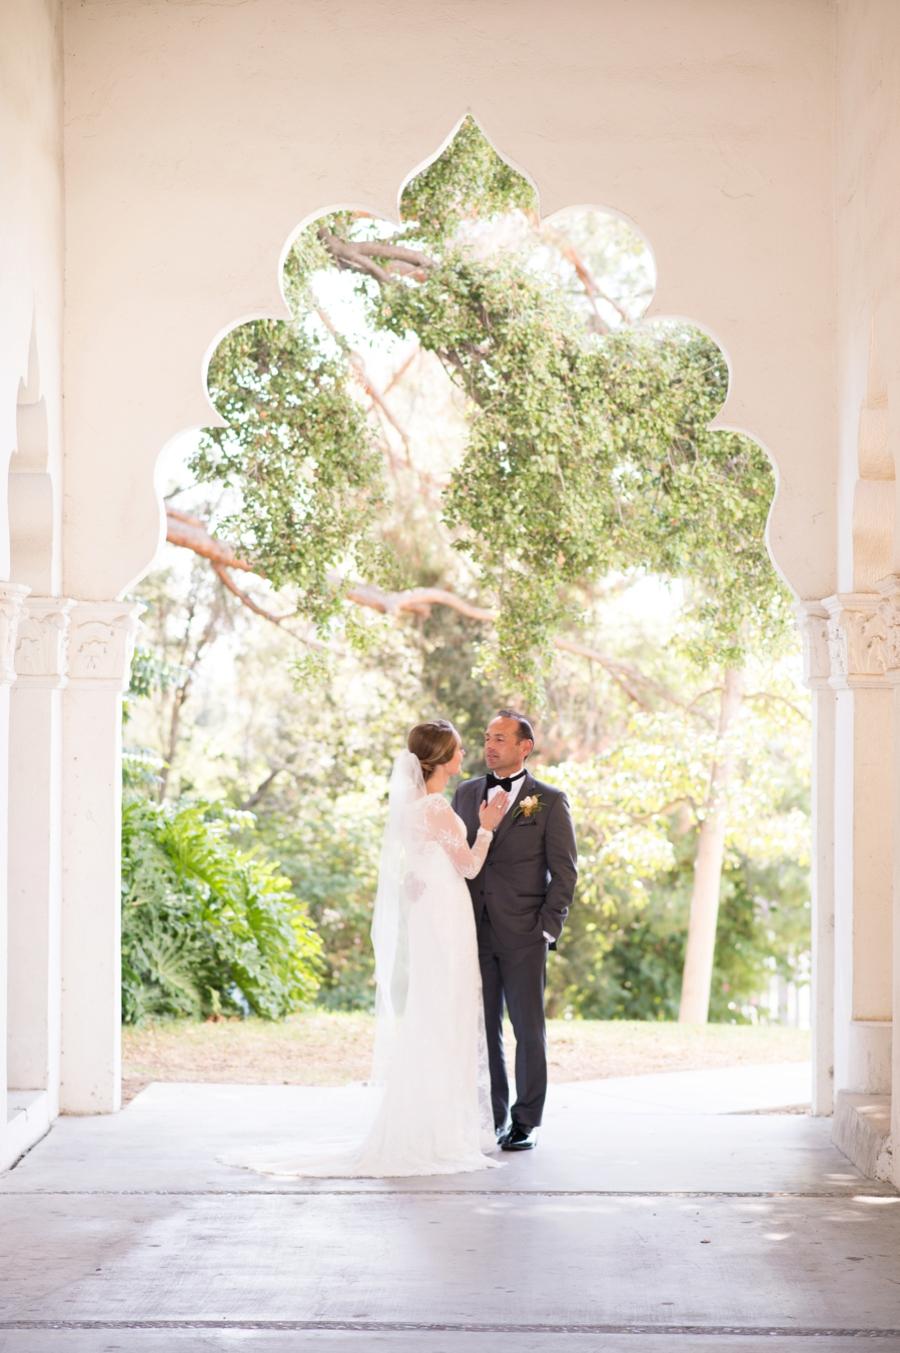 SoCal_Burbank_Hollywood_Wedding_JC_014.jpg